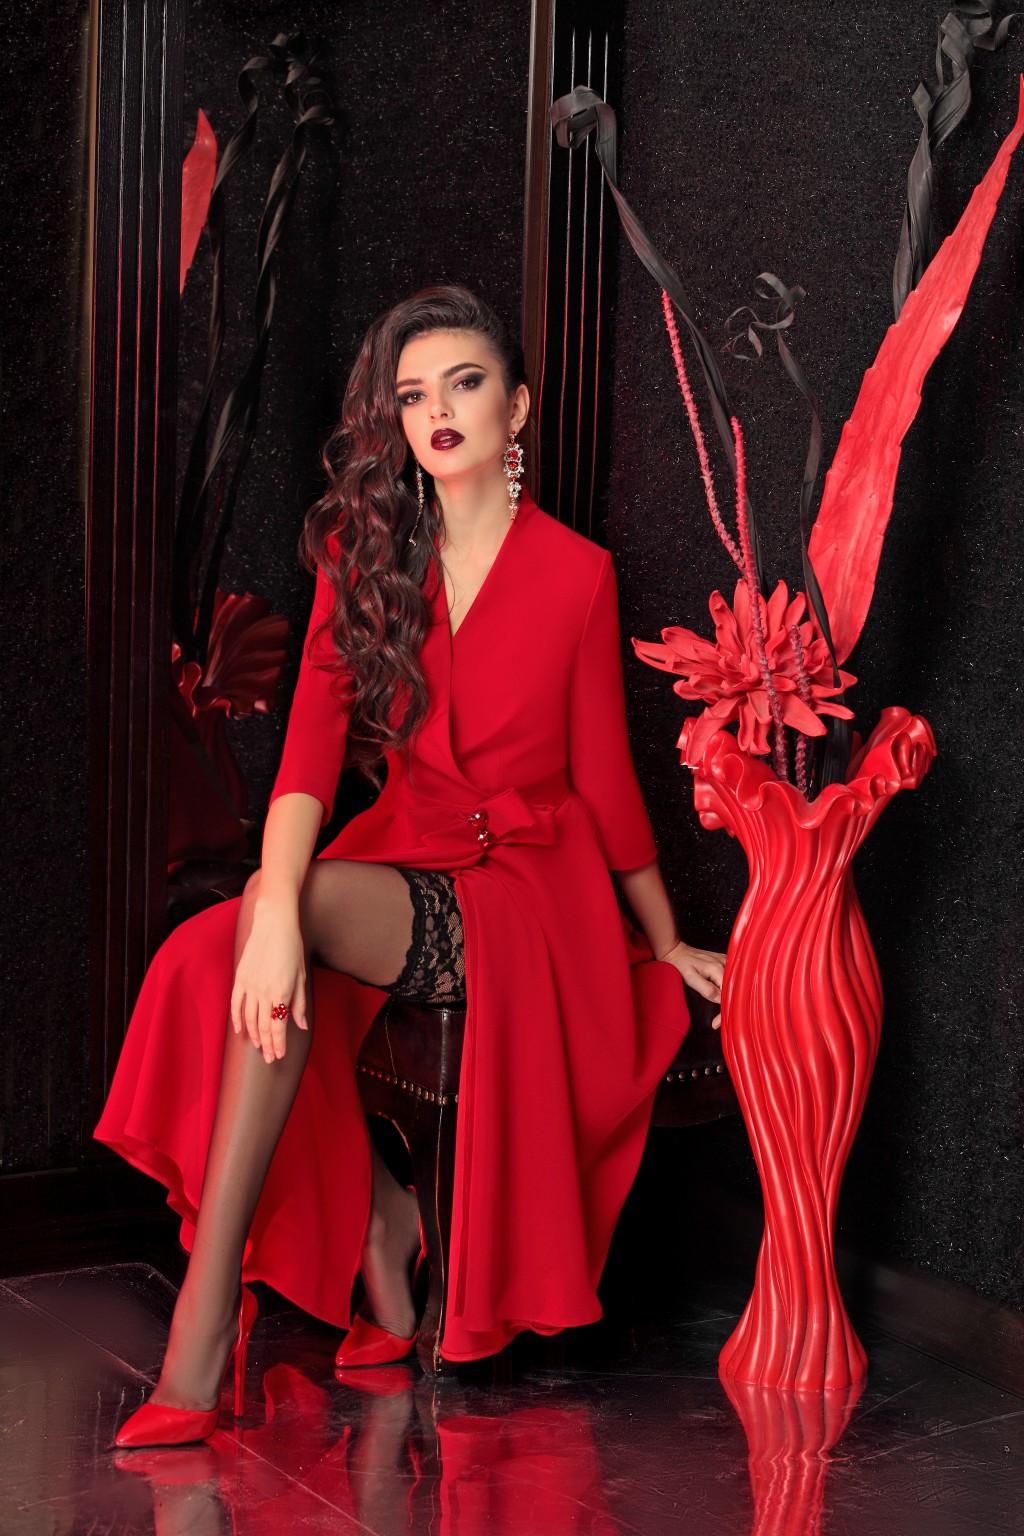 Сбор заказов.Супер-скидки!!!Изумительной красоты коллекции! Твой имидж-Белоруссия! Модно, стильно, ярко, незабываемо!Самые красивые платья,костюмы,блузы,брюки и юбки р.42-58 по доступным ценам-73!Еще больше шикарнейших новинок 2017 уже в продаже!